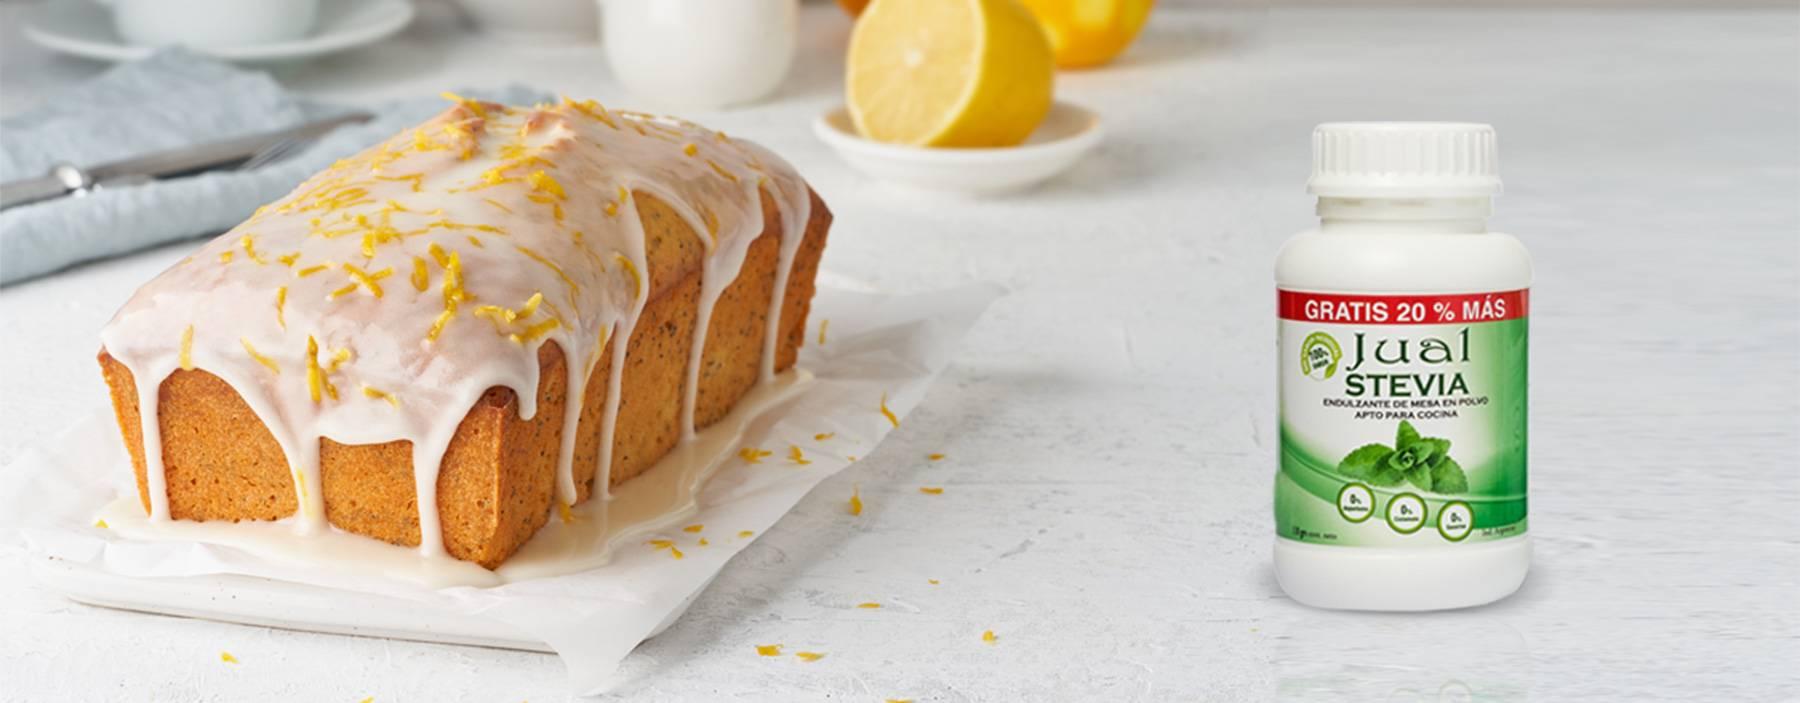 Orange Cake: sugar-free and lactose-free